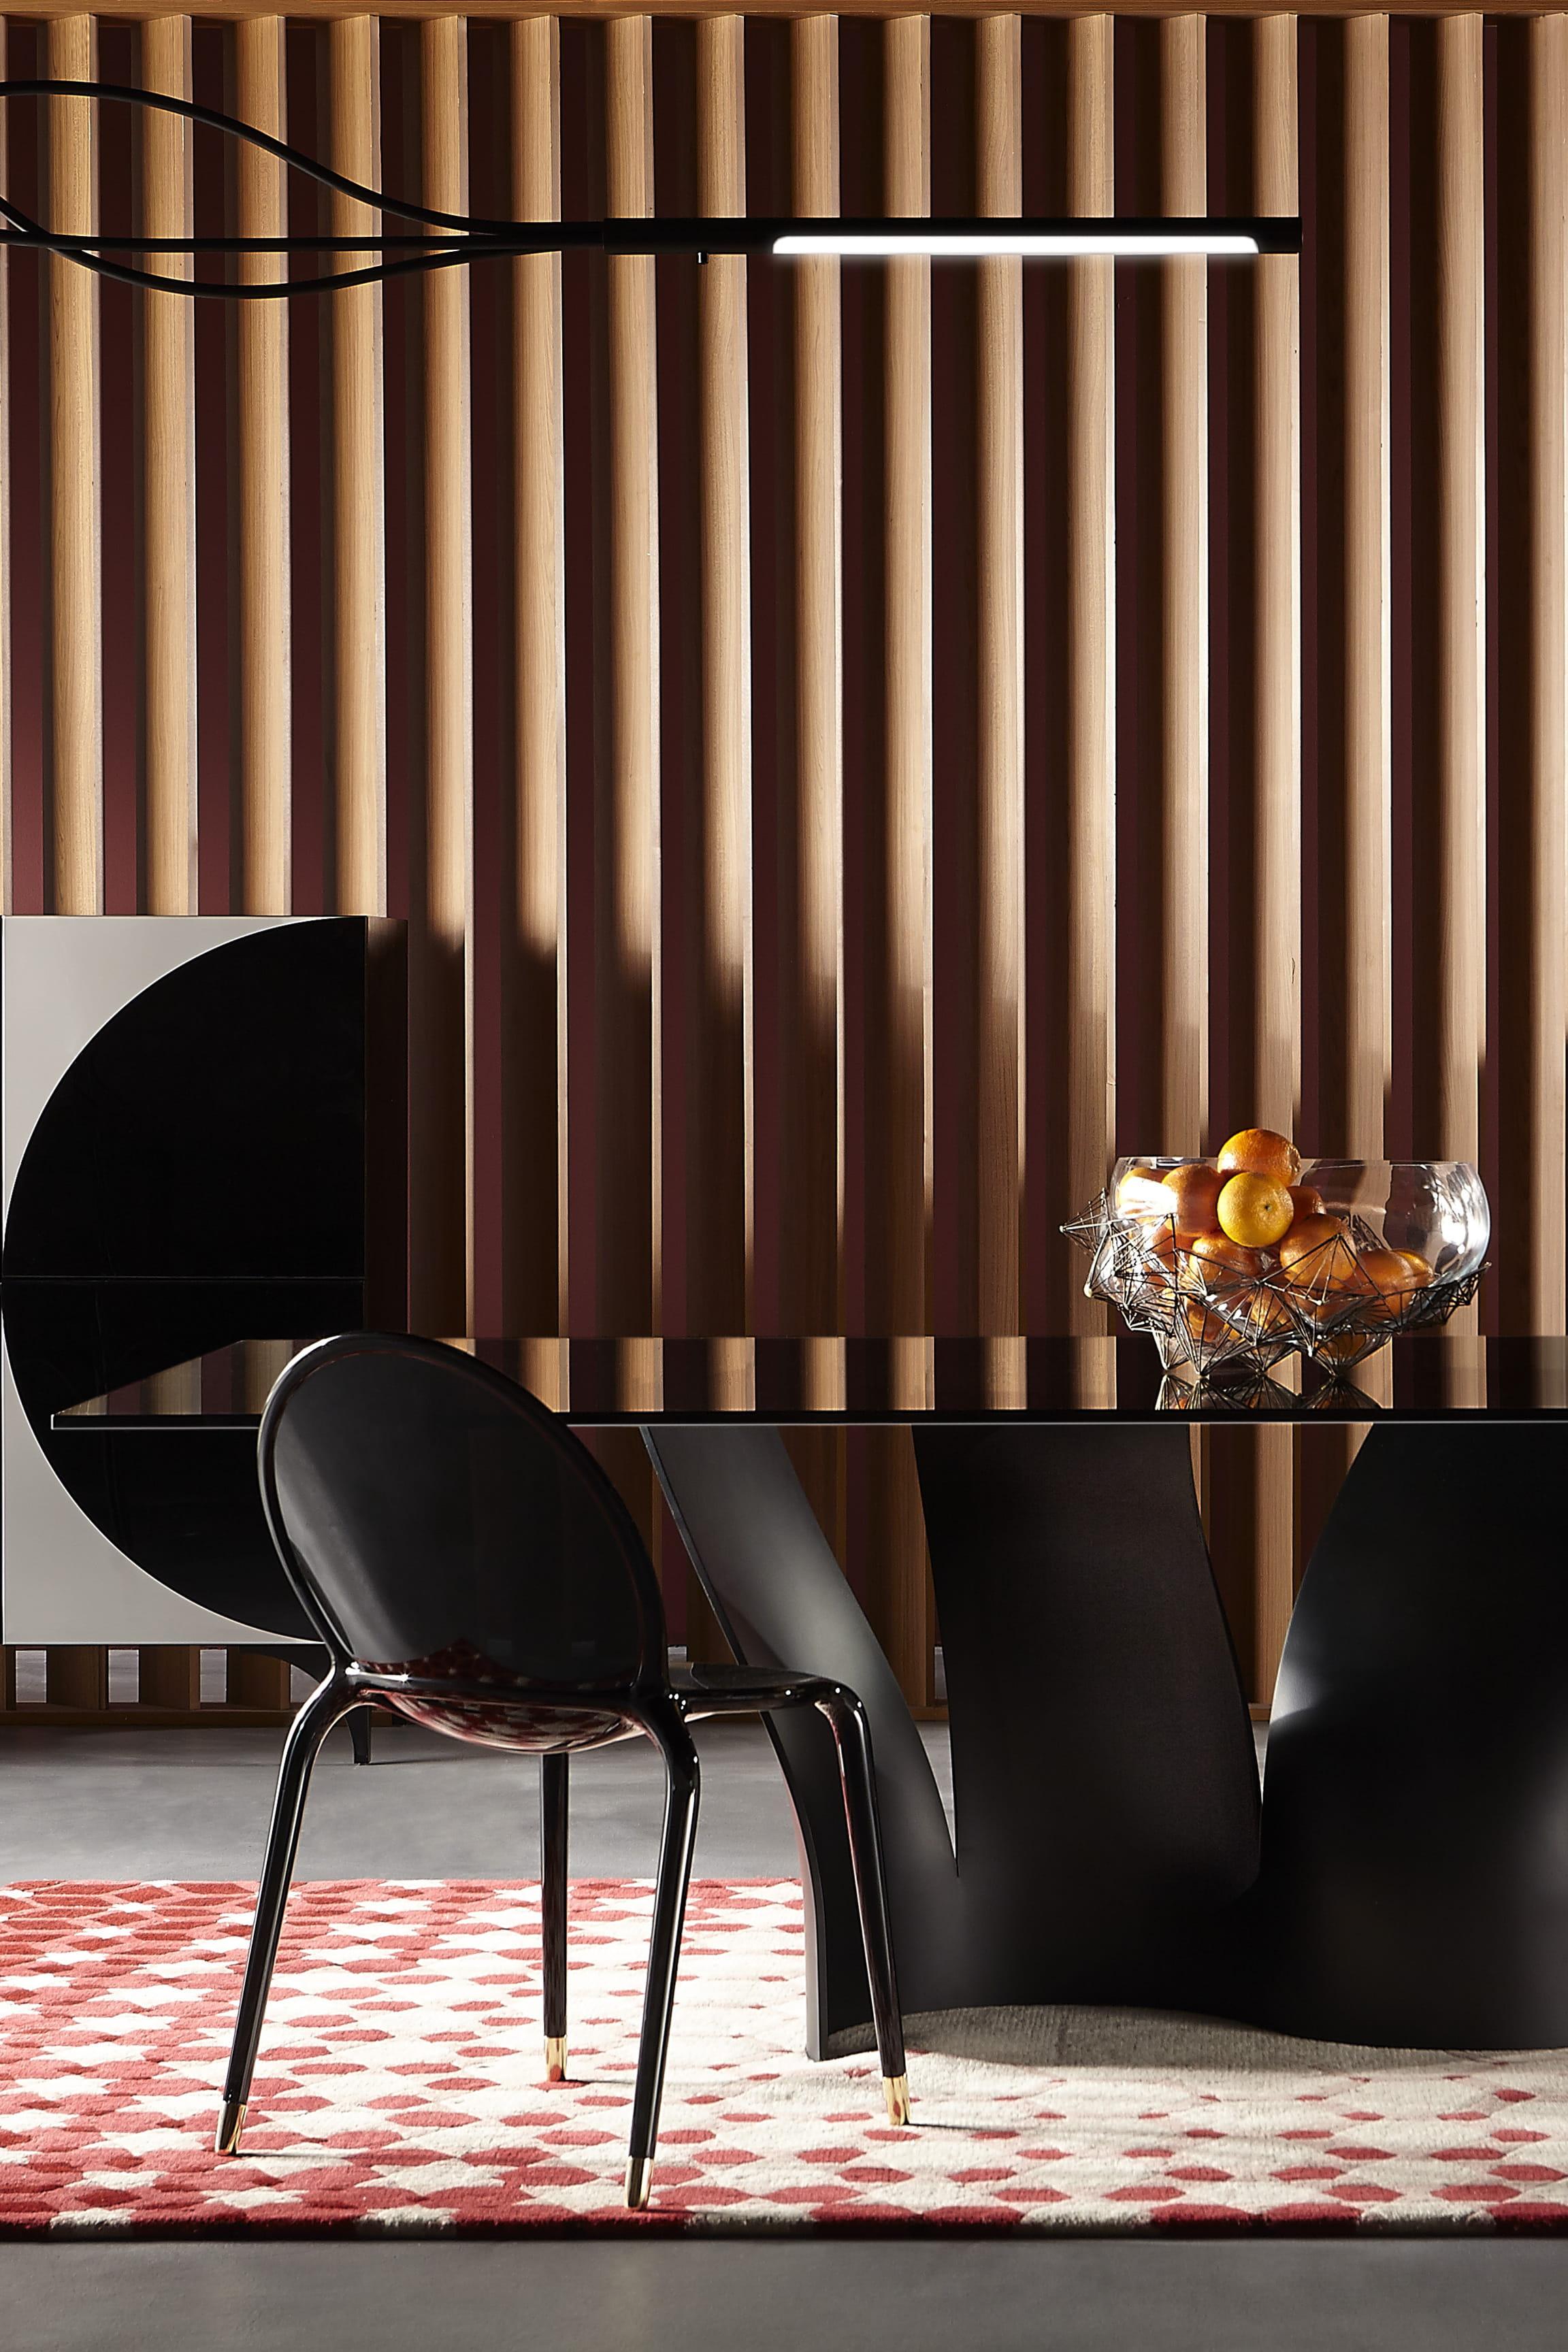 lampadaire vibrato de roche bobois. Black Bedroom Furniture Sets. Home Design Ideas